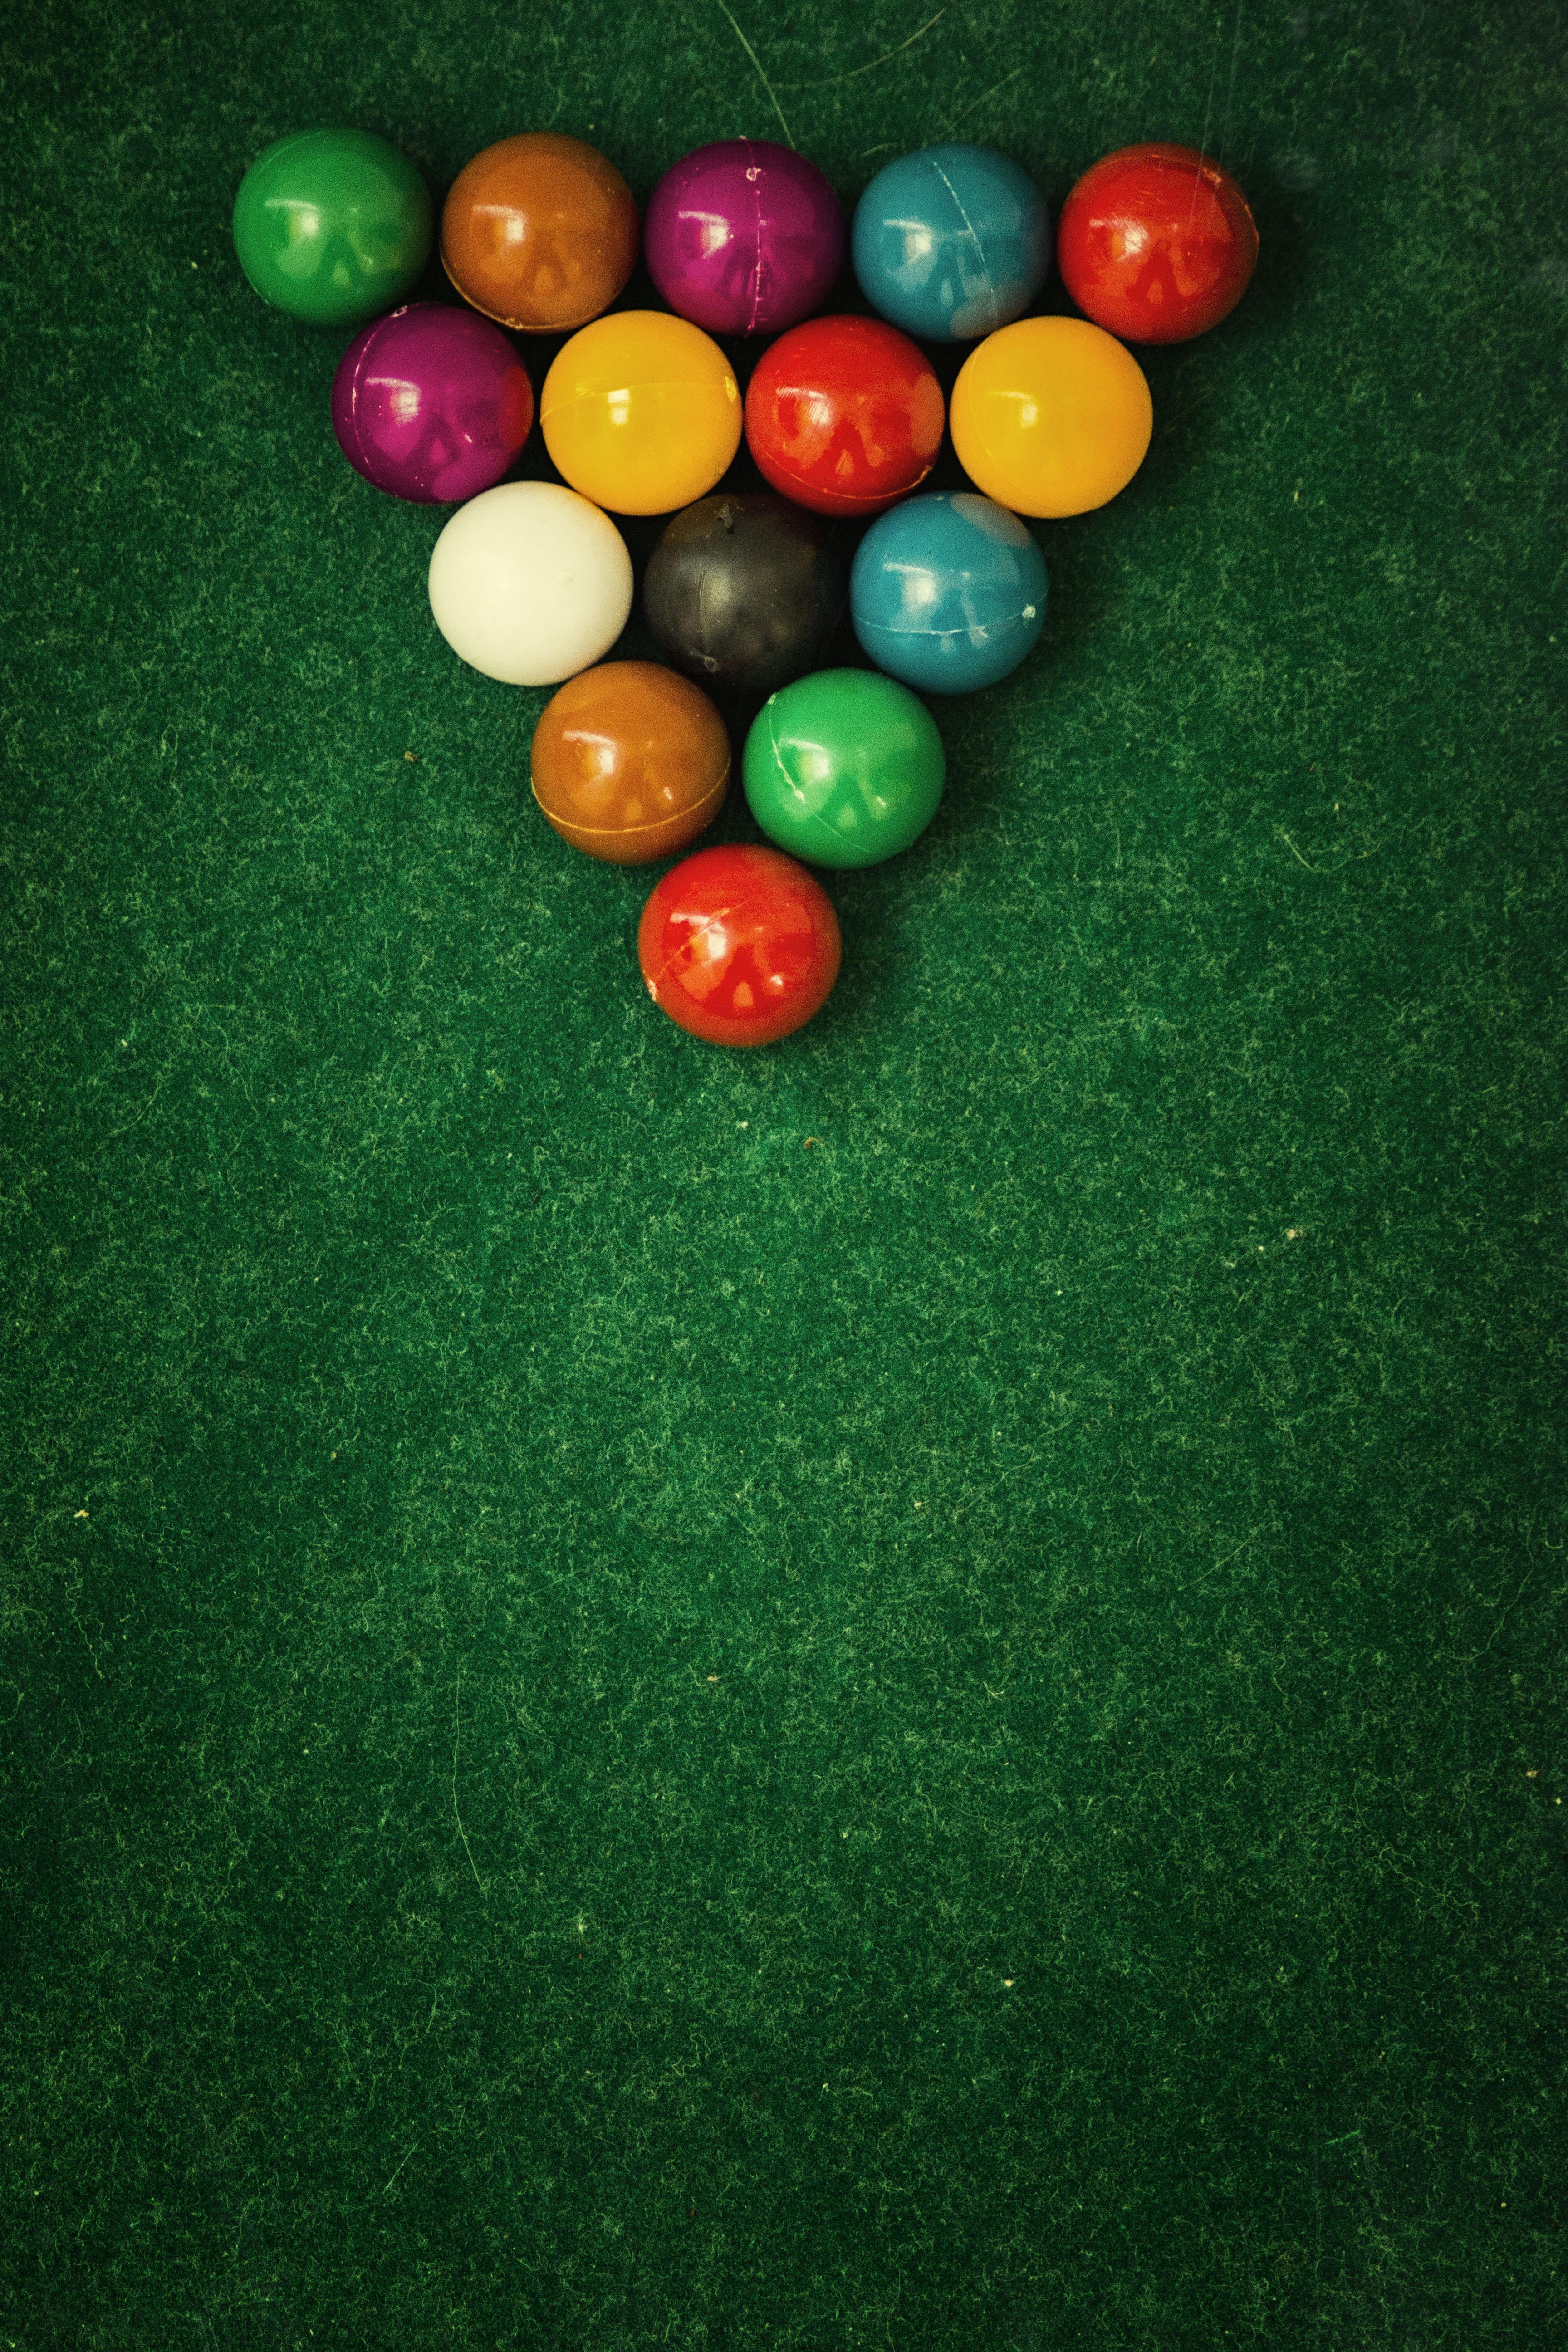 62596 descargar fondo de pantalla Deportes, Billar, Pelotas, Bolas, Tela, Snooker, Piscina: protectores de pantalla e imágenes gratis